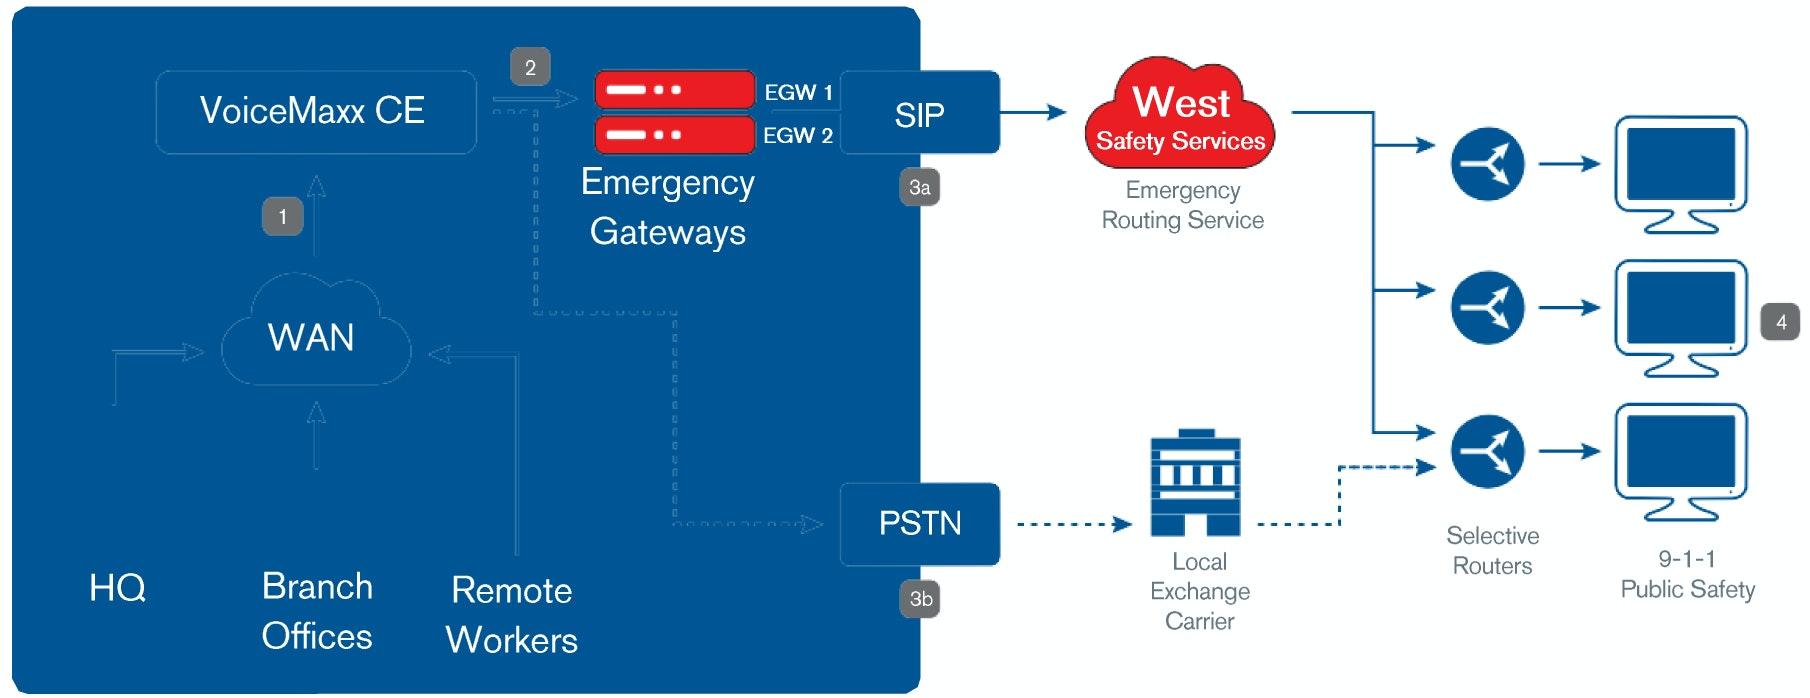 Emergency gateway